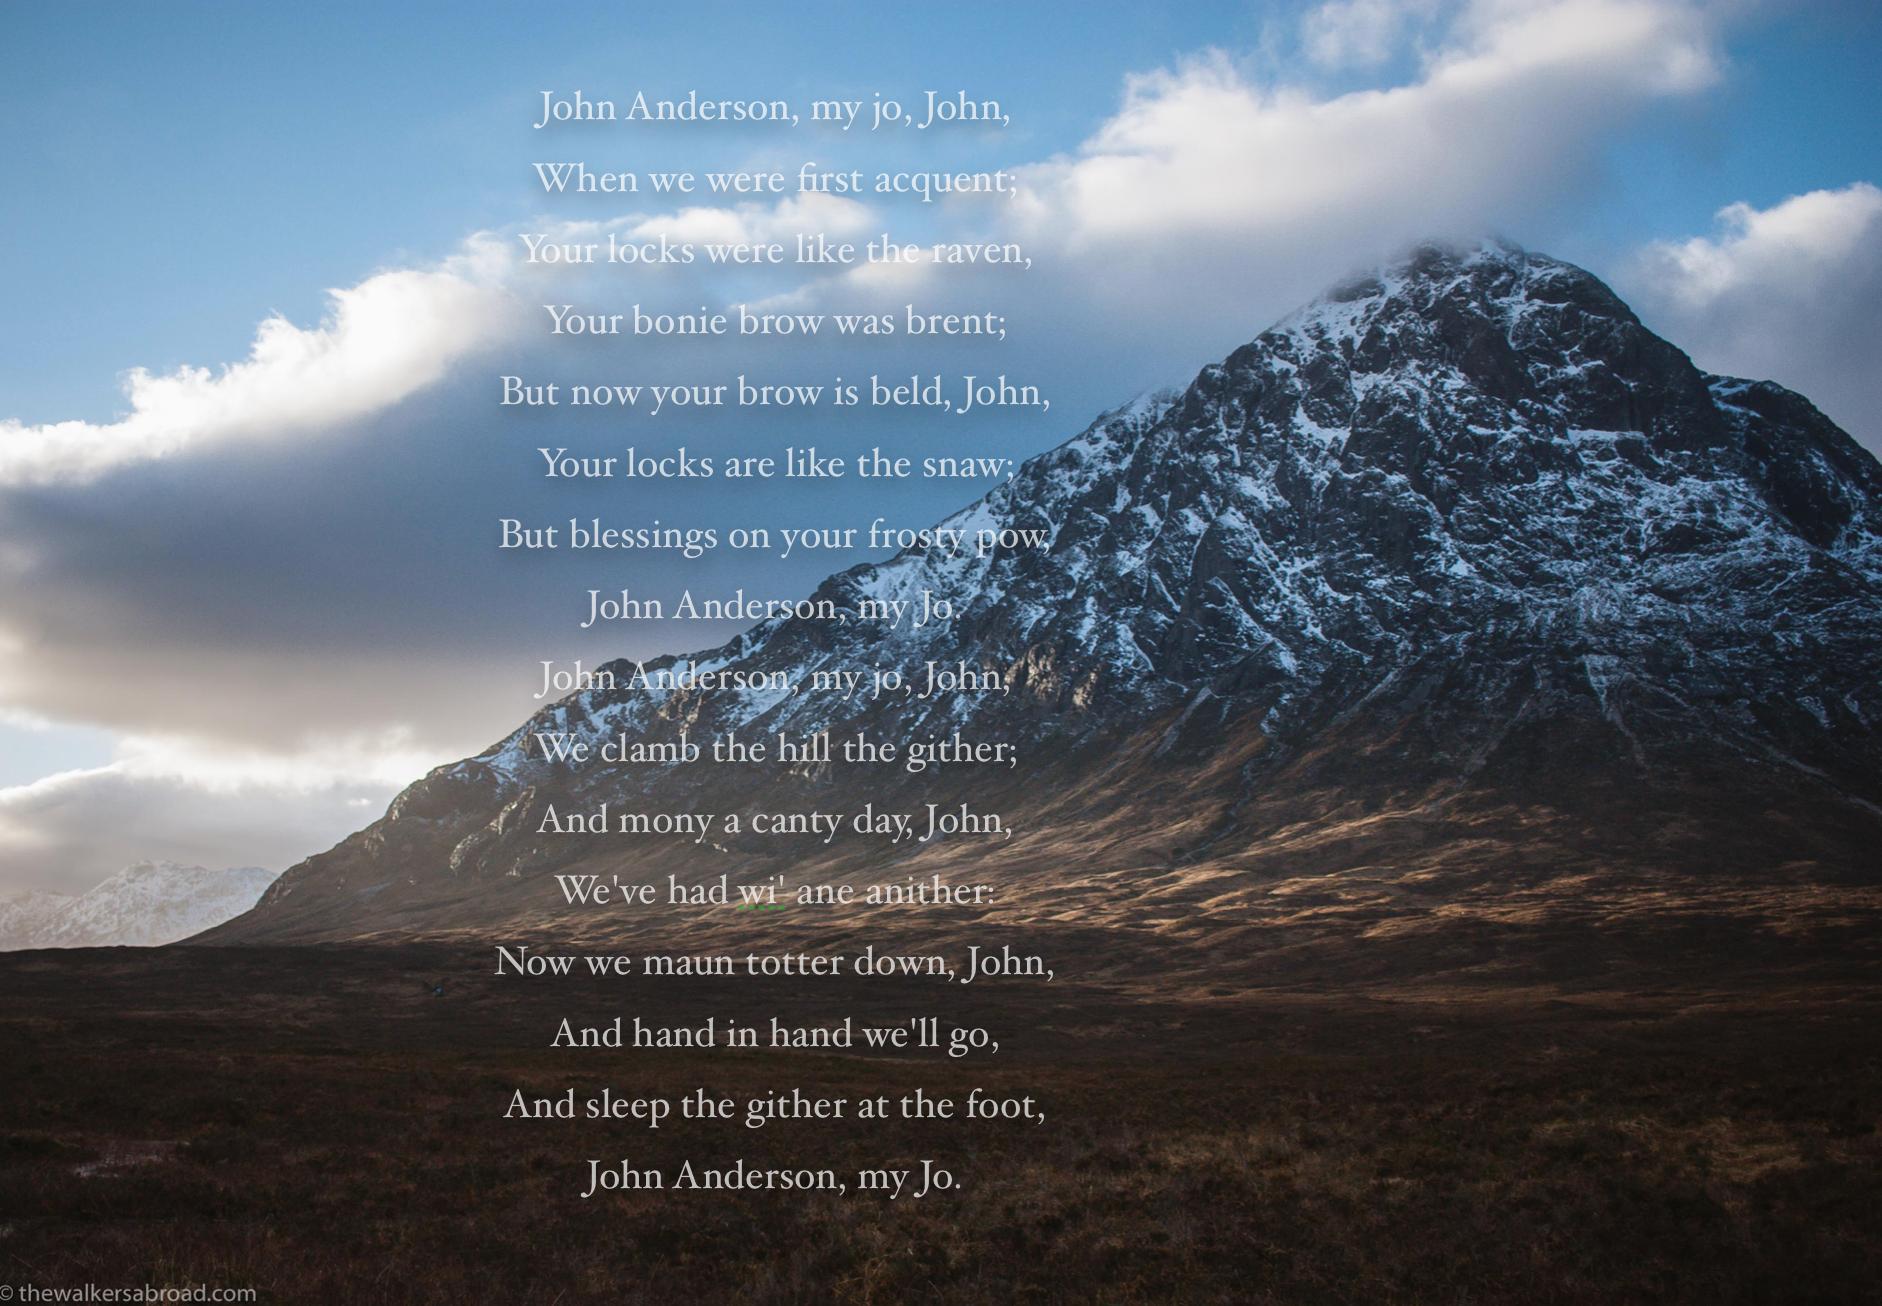 John Anderson, My Jo